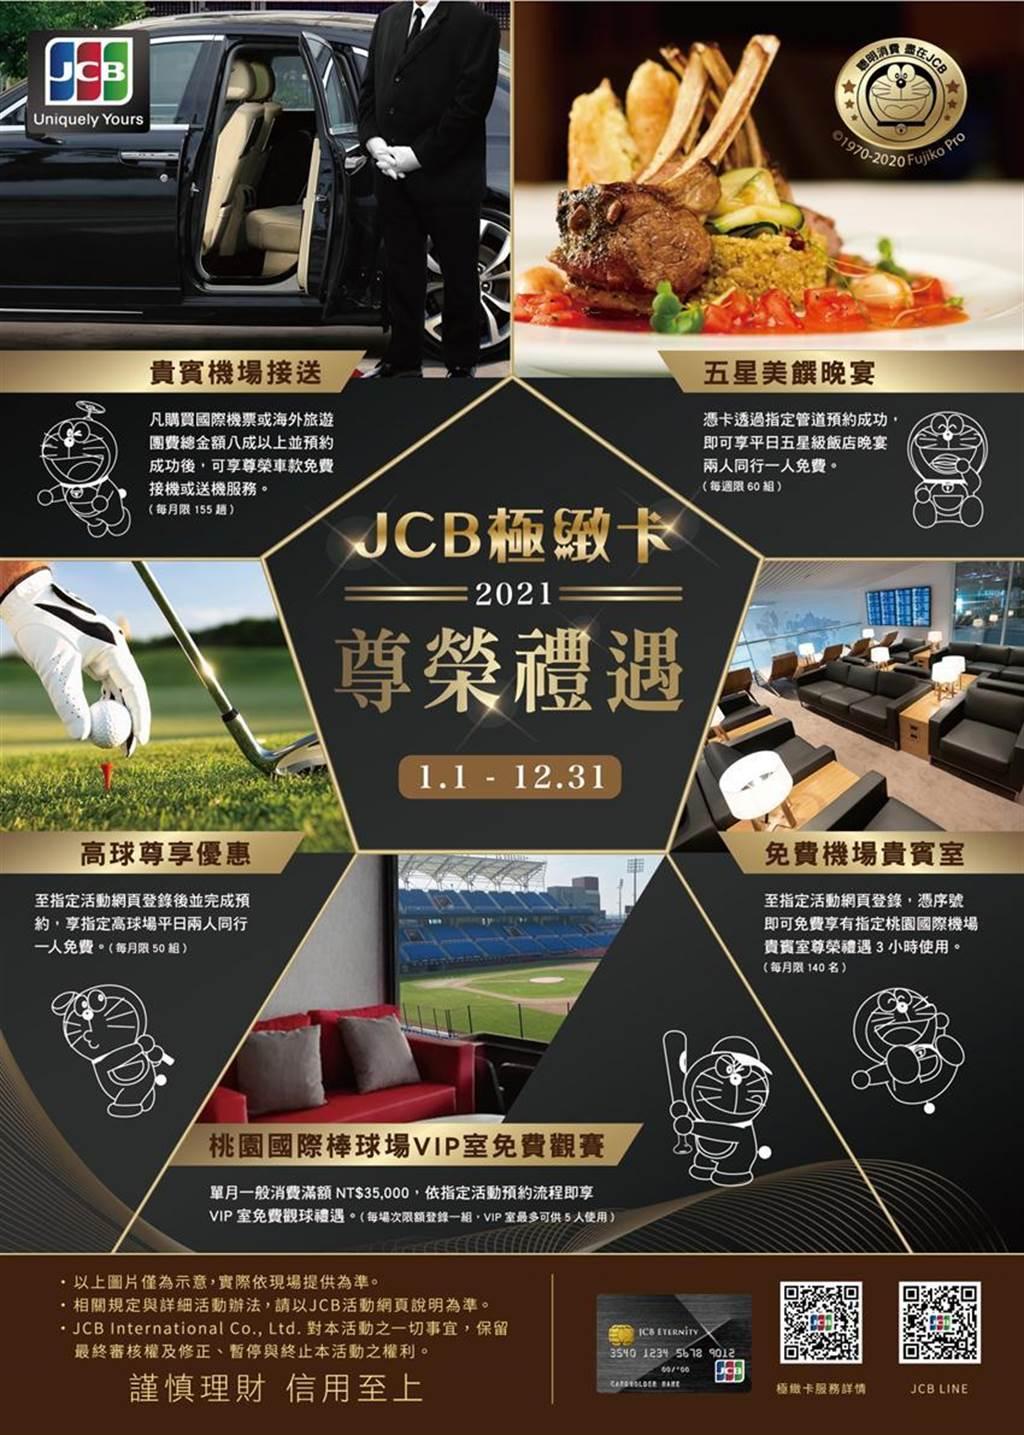 JCB极致卡推出2021年尊荣礼遇。图/JCB提供